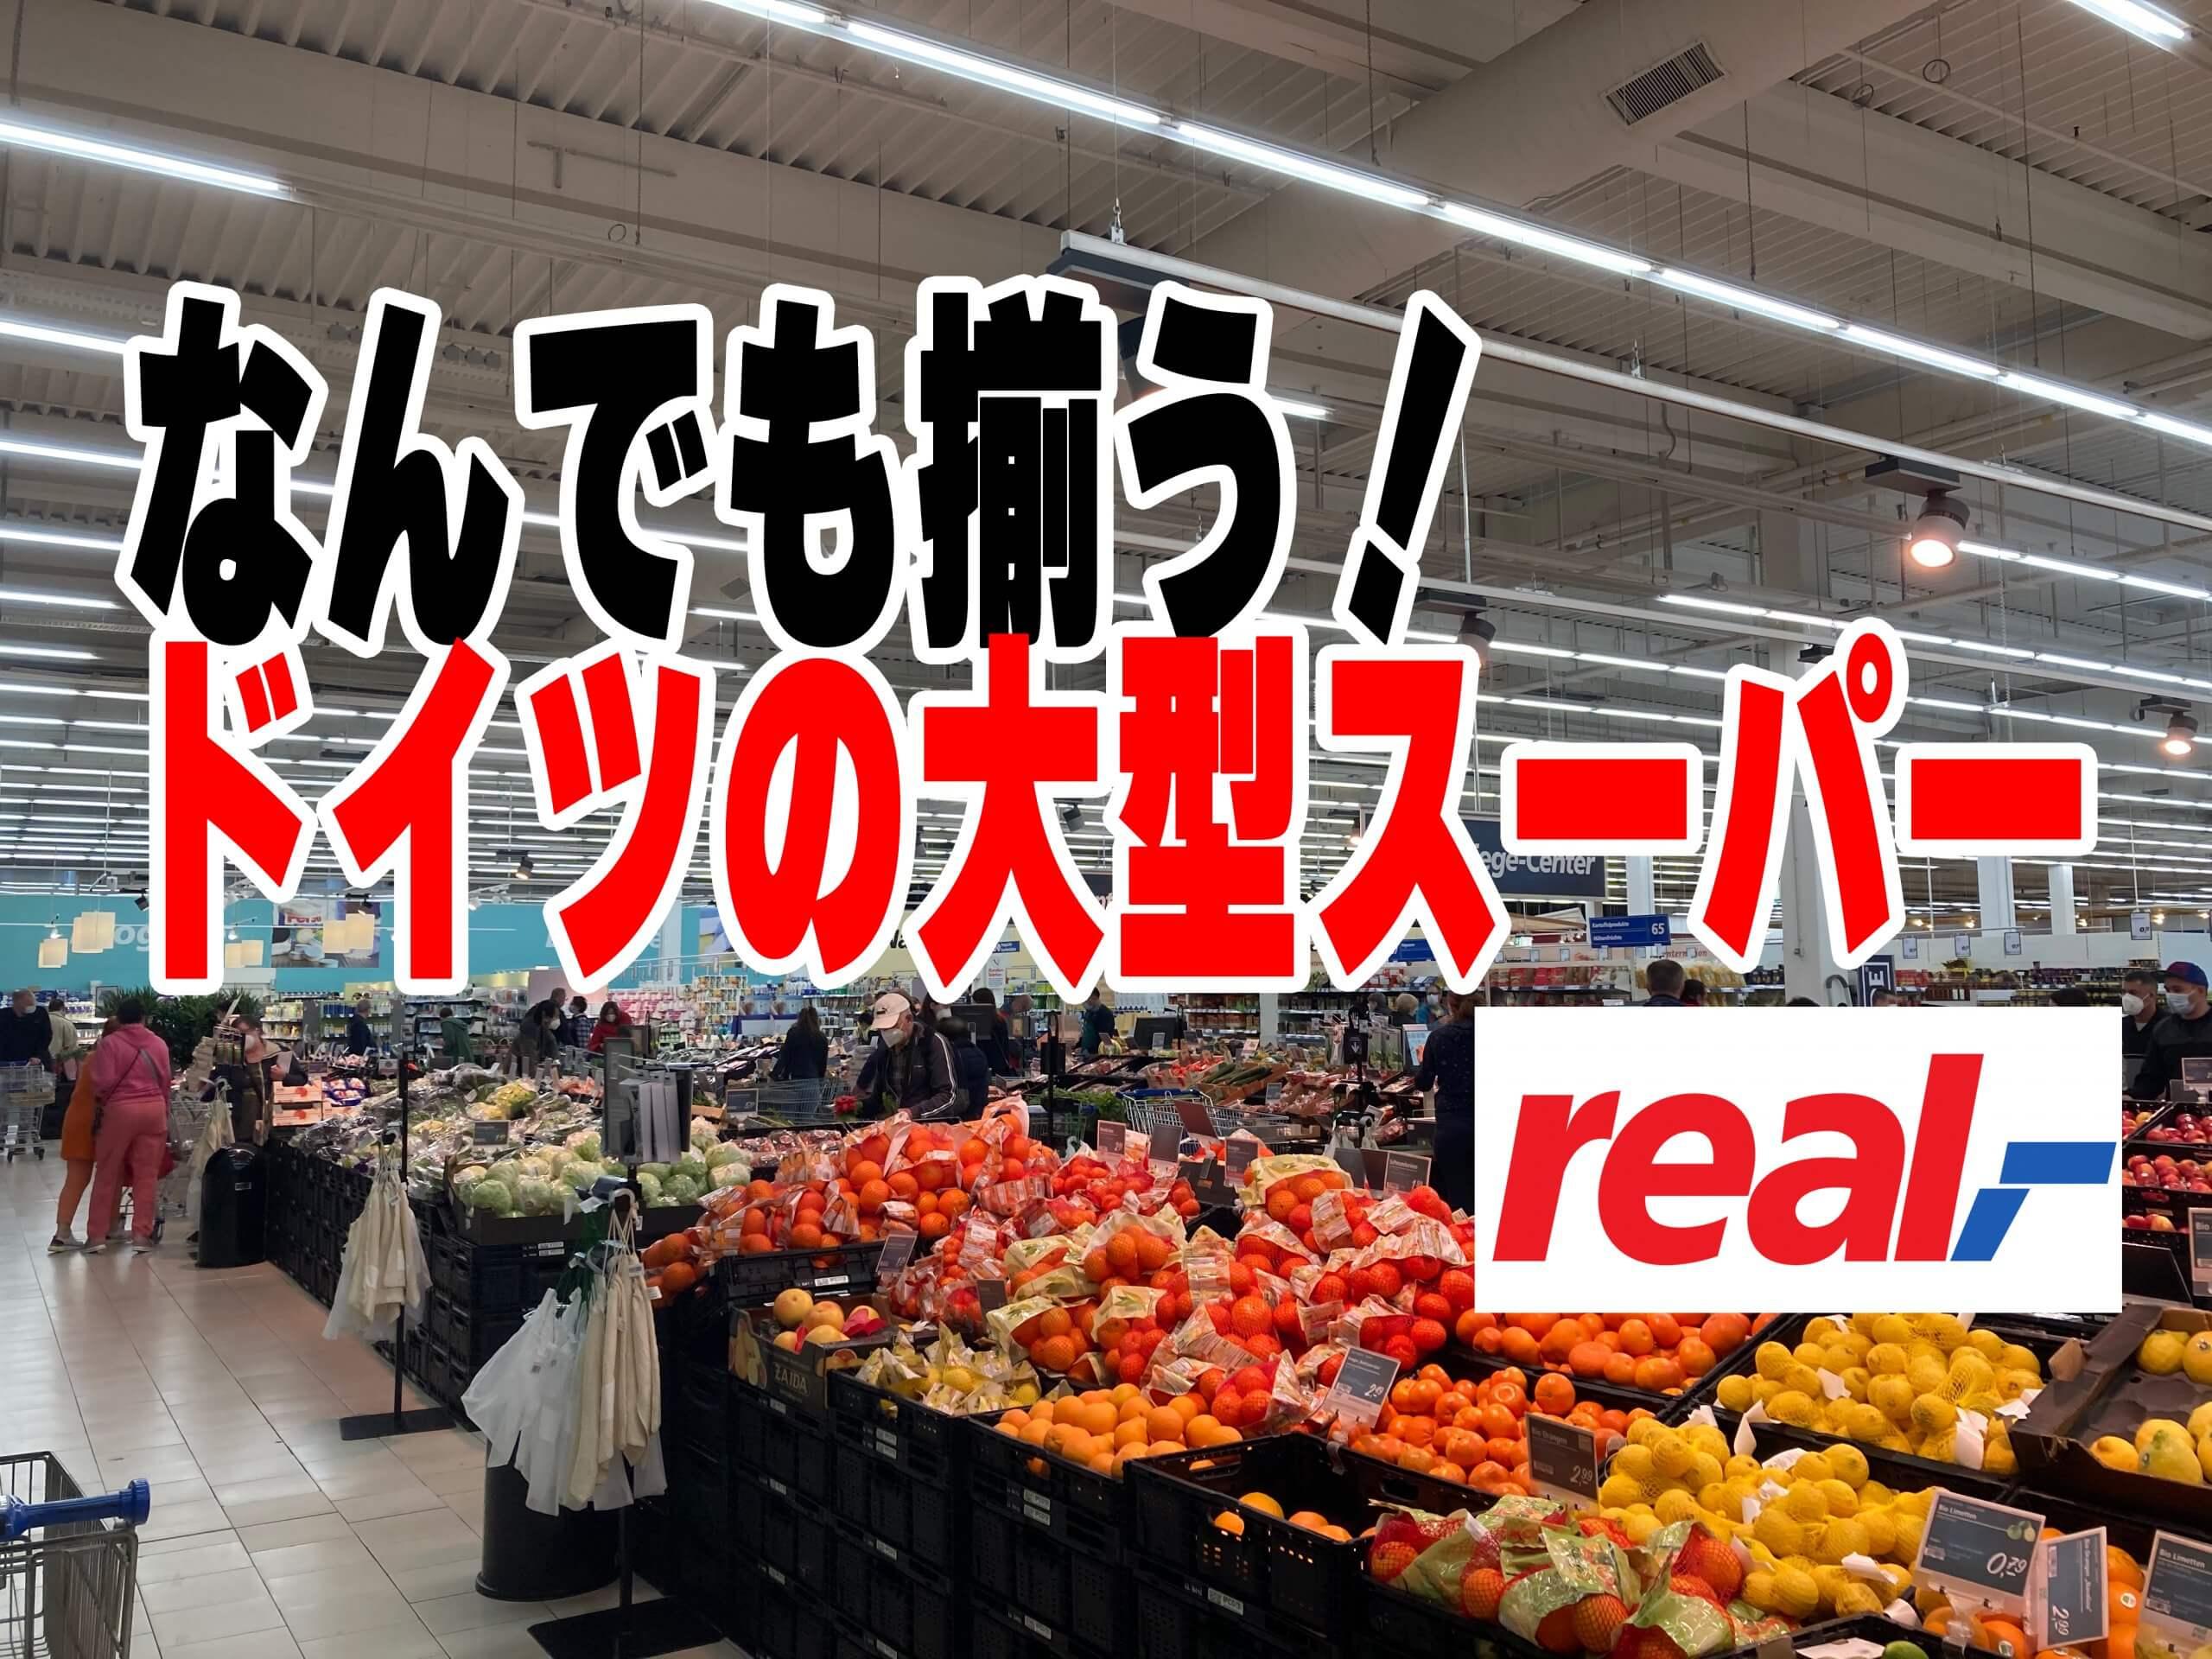 なんでも揃う!ドイツの大型スーパー「REAL」を紹介!